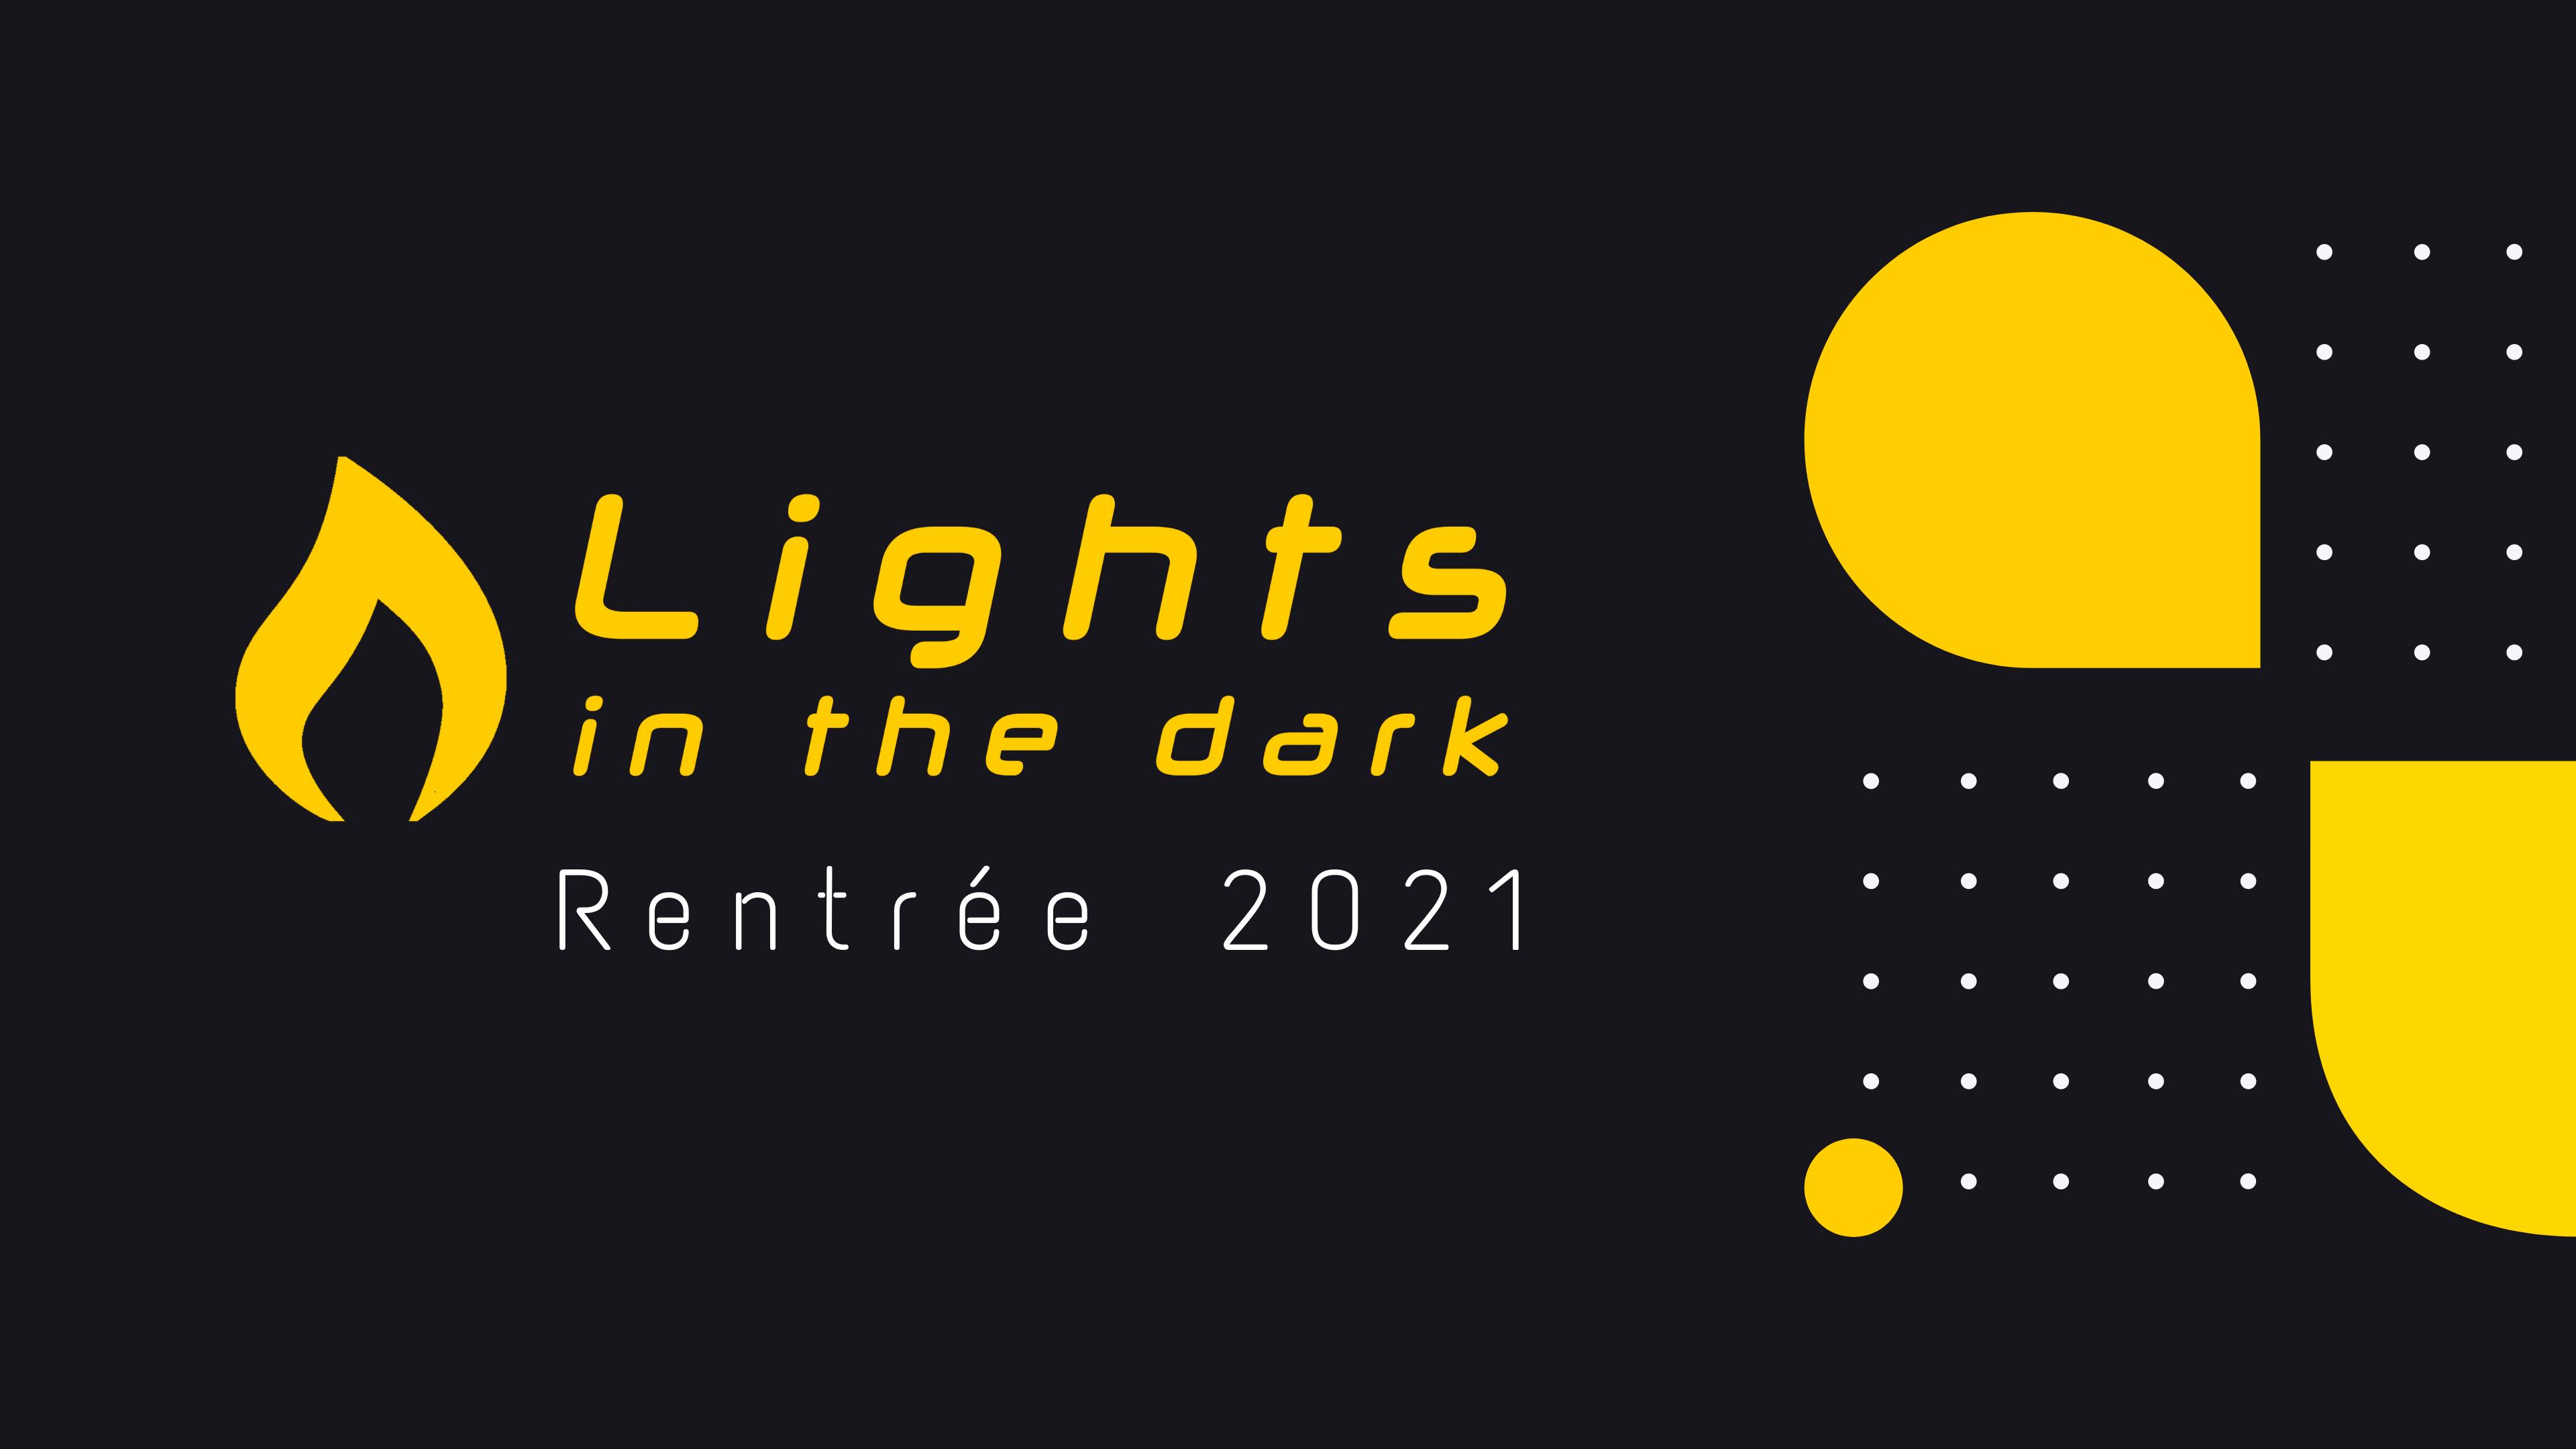 lights in the dark - rentrée 2021